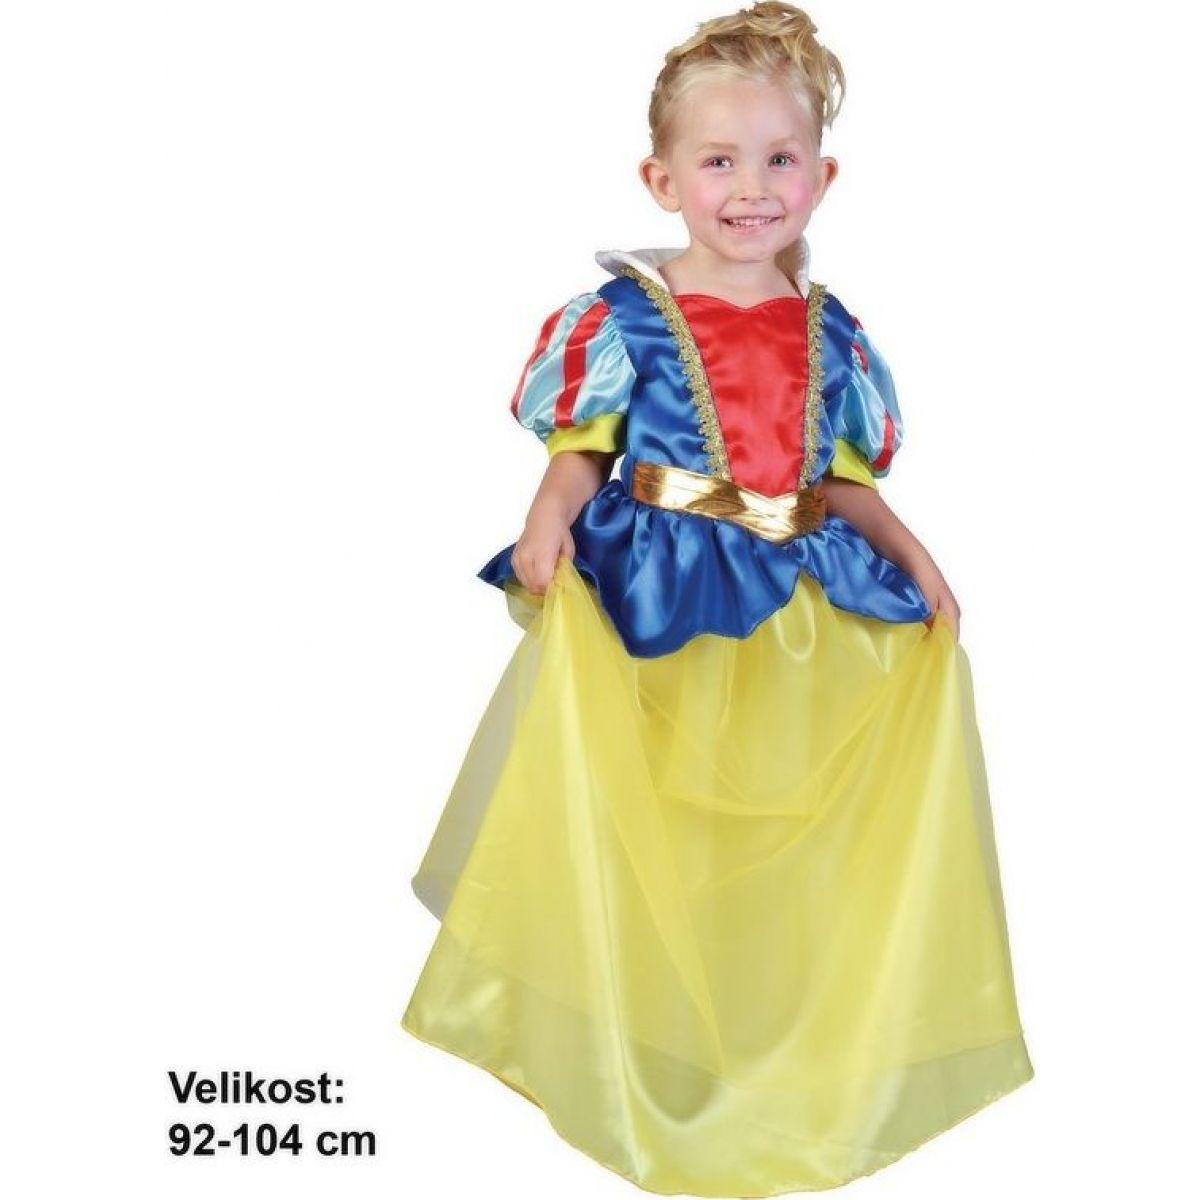 Made Detský kostým Snehulienka 92-104 cm